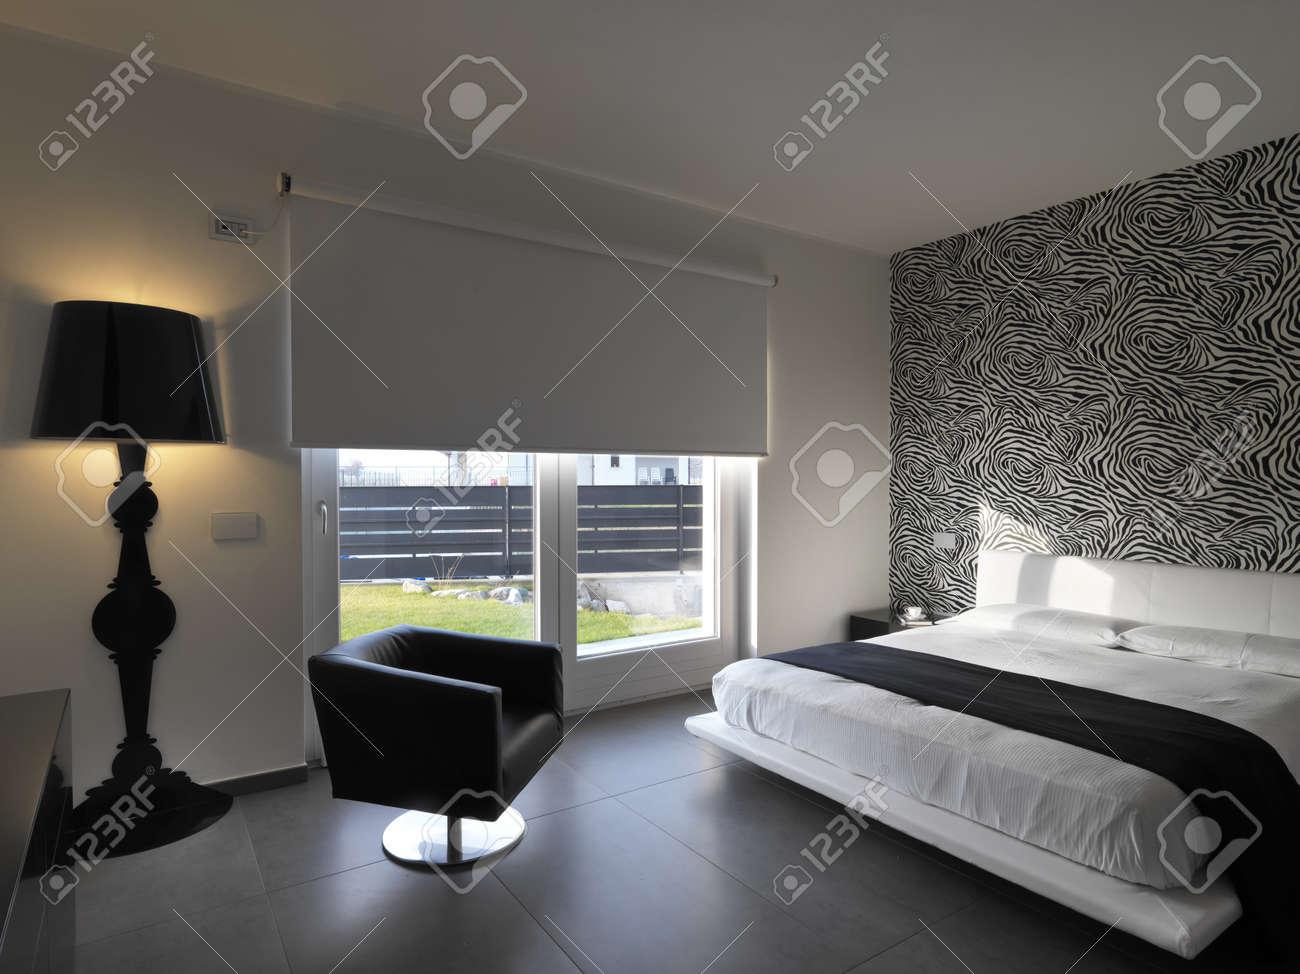 Moderna sovrum med skinnfåtölj och svart vägglampa royalty fria ...